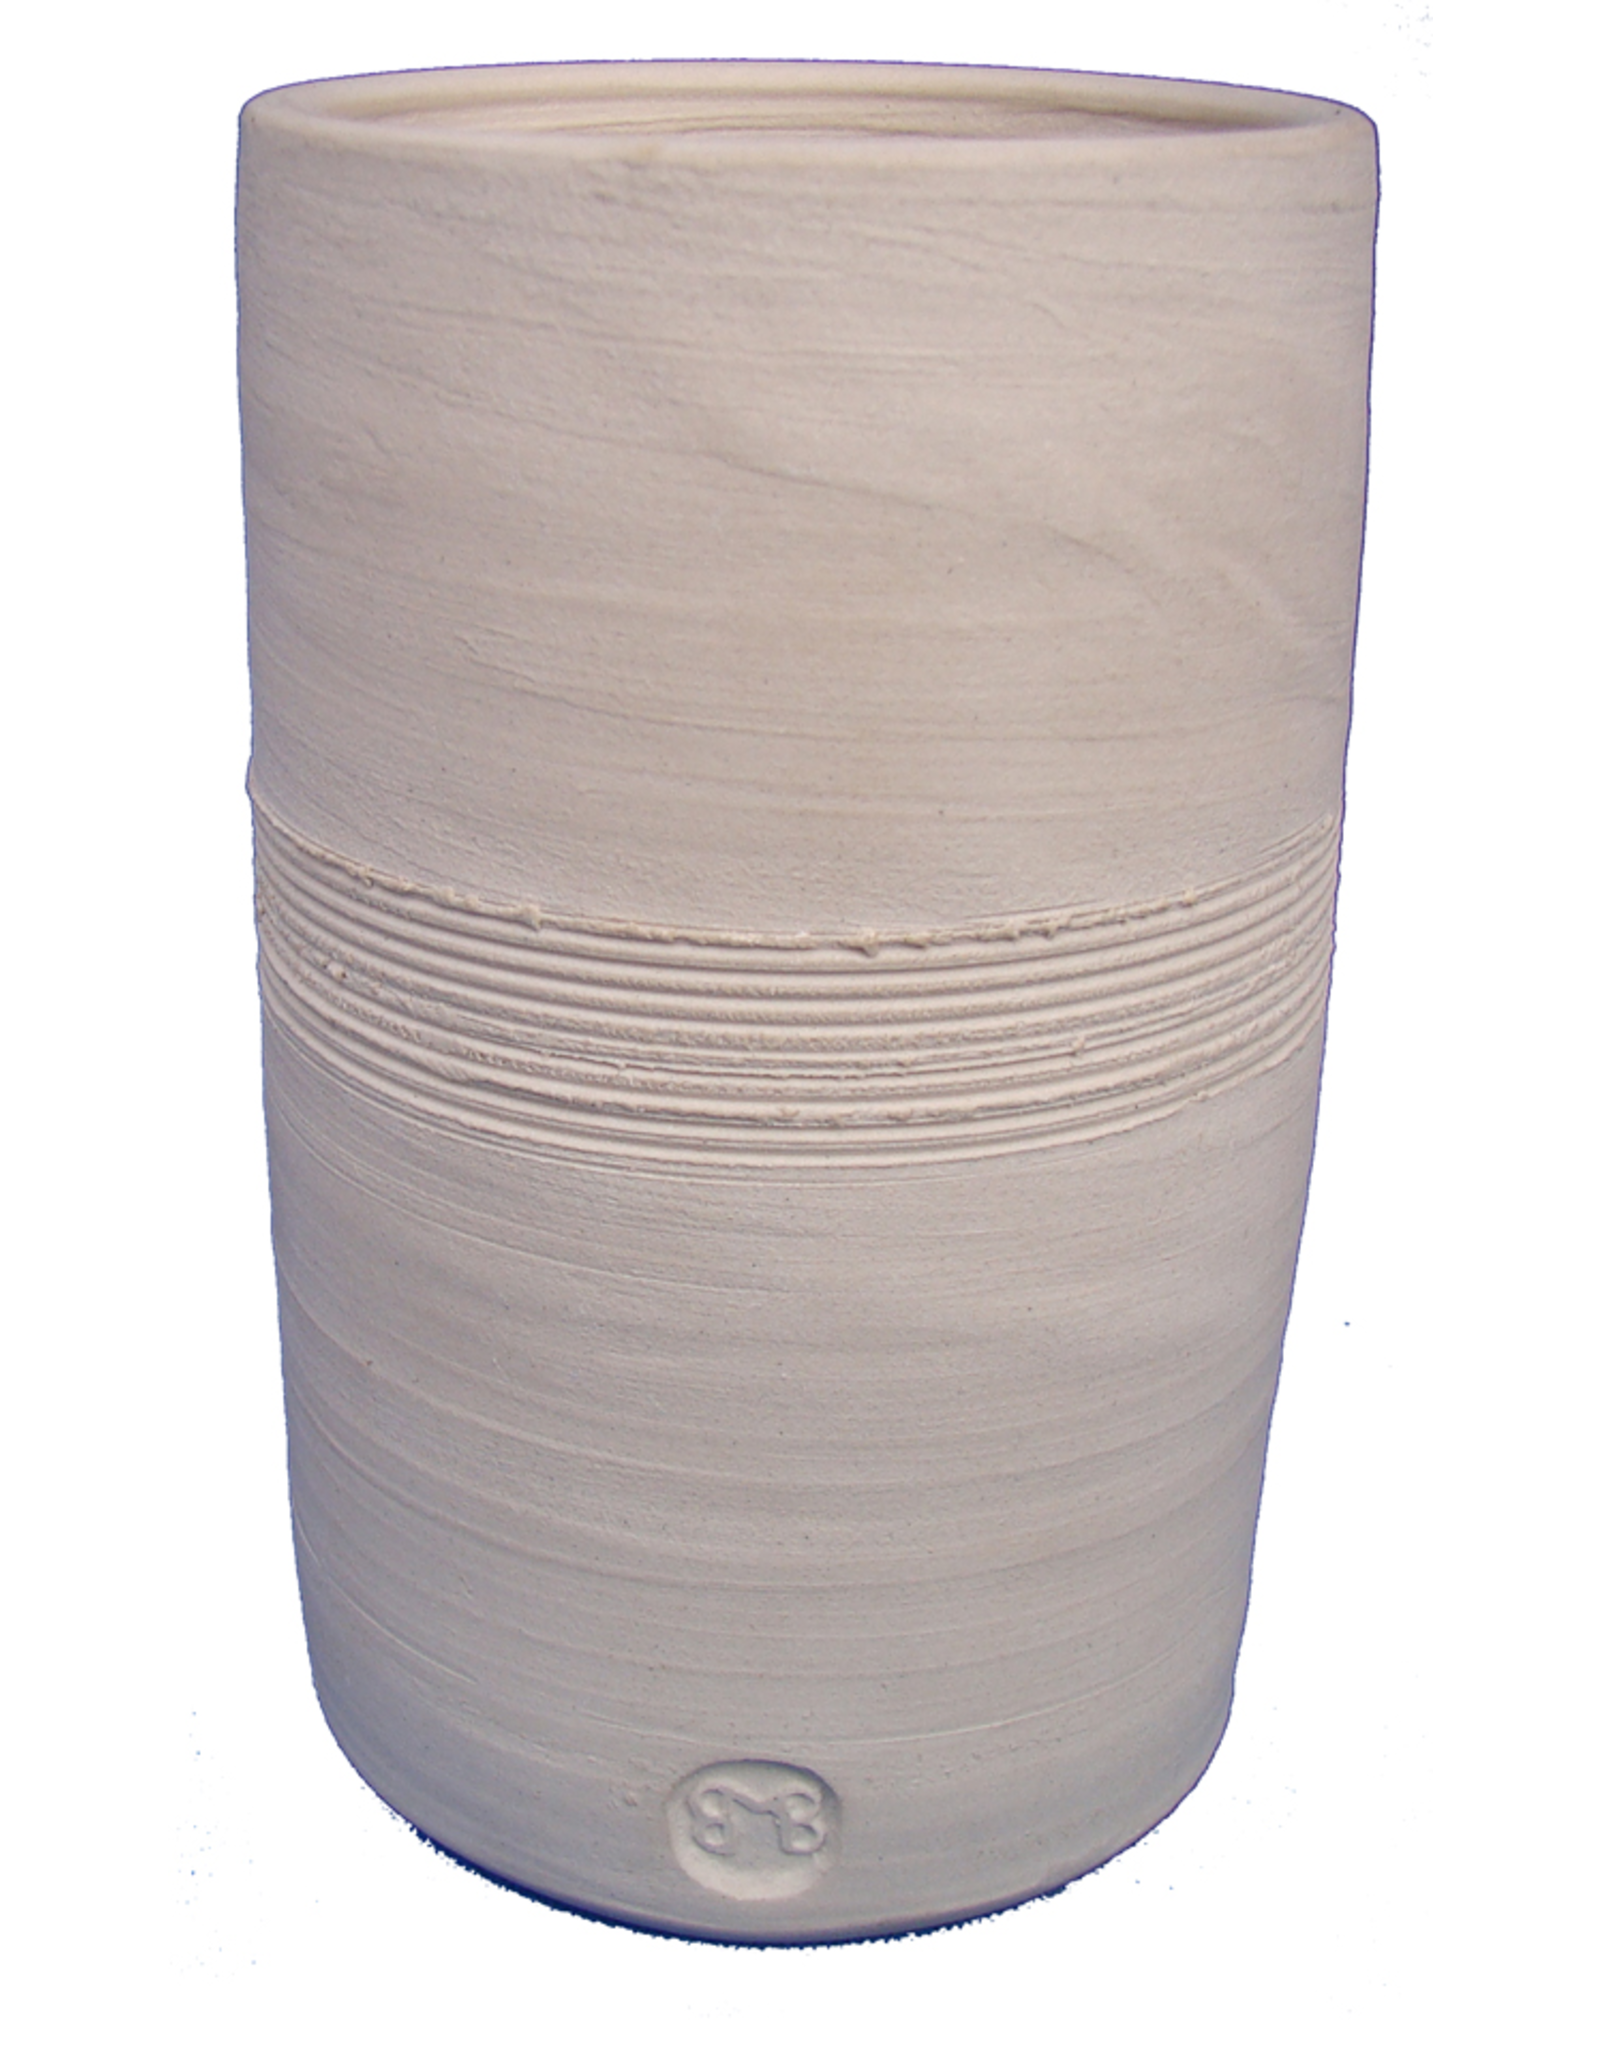 Potclays White Stoneware